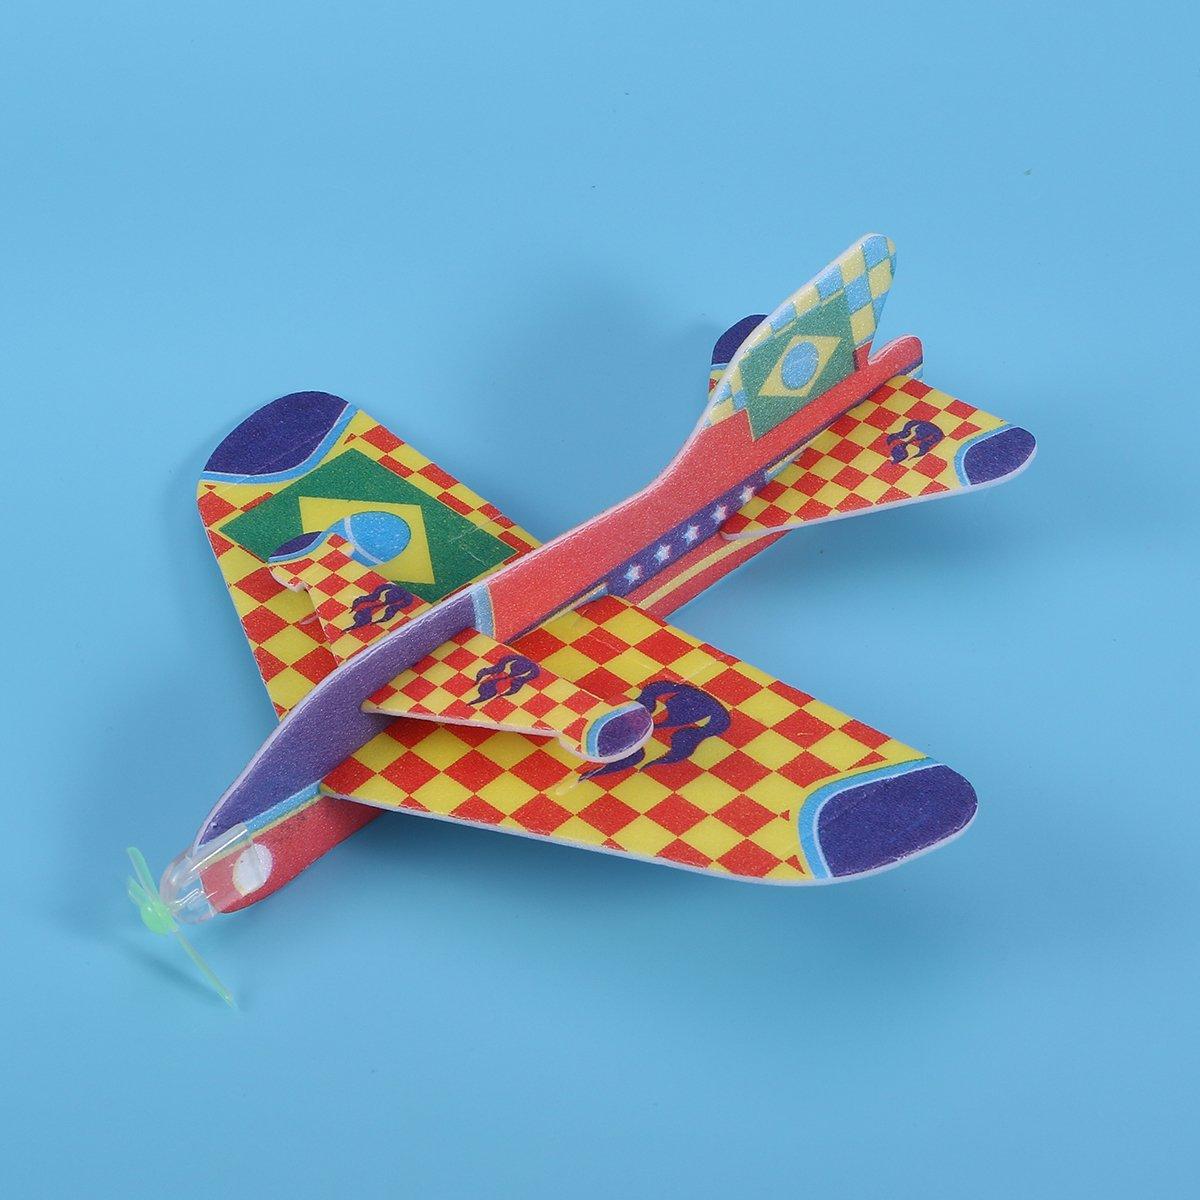 TOYMYTOY Planeadores Aviones de Espuma Juguetes Veh/ículo para Ni/ños Regalos 48pcs